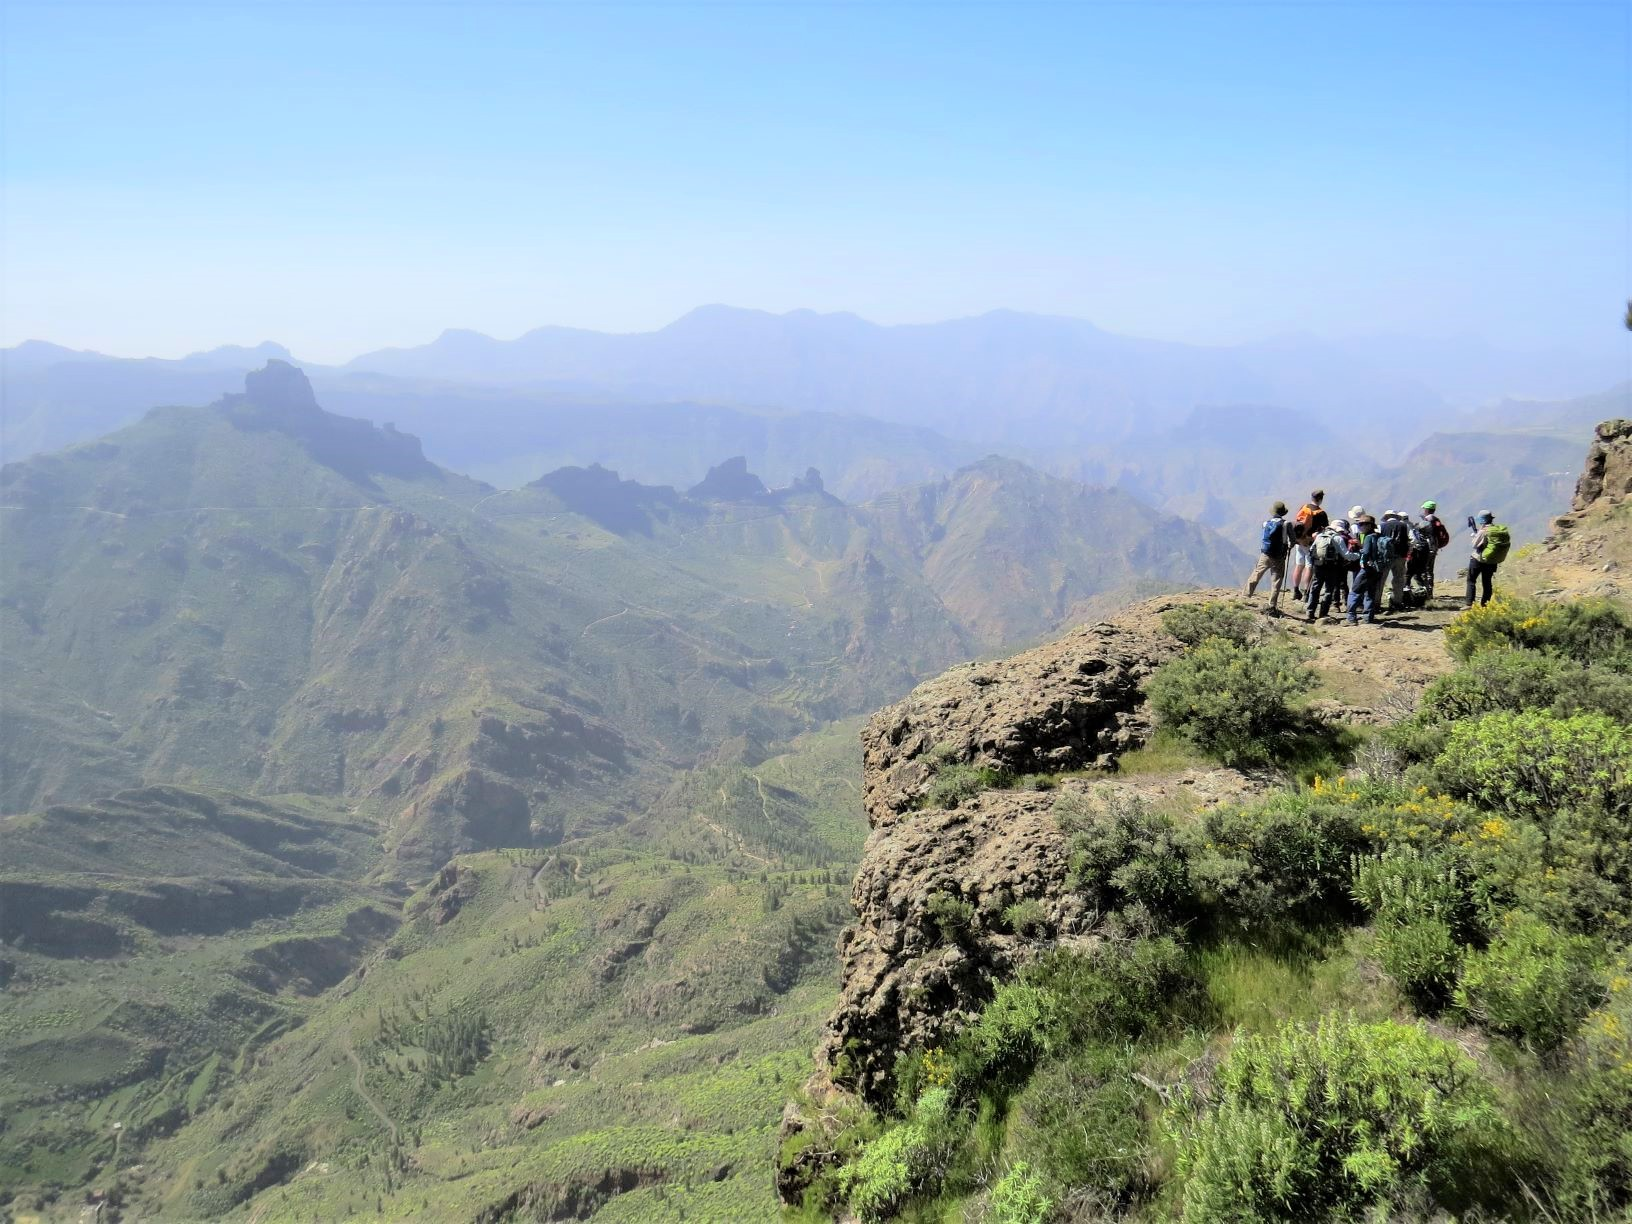 グラン・カナリア島をハイキング、リスコ・カイドとグラン・カナリア島の聖なる山々の文化的景観は2019年世界遺産に登録されました。